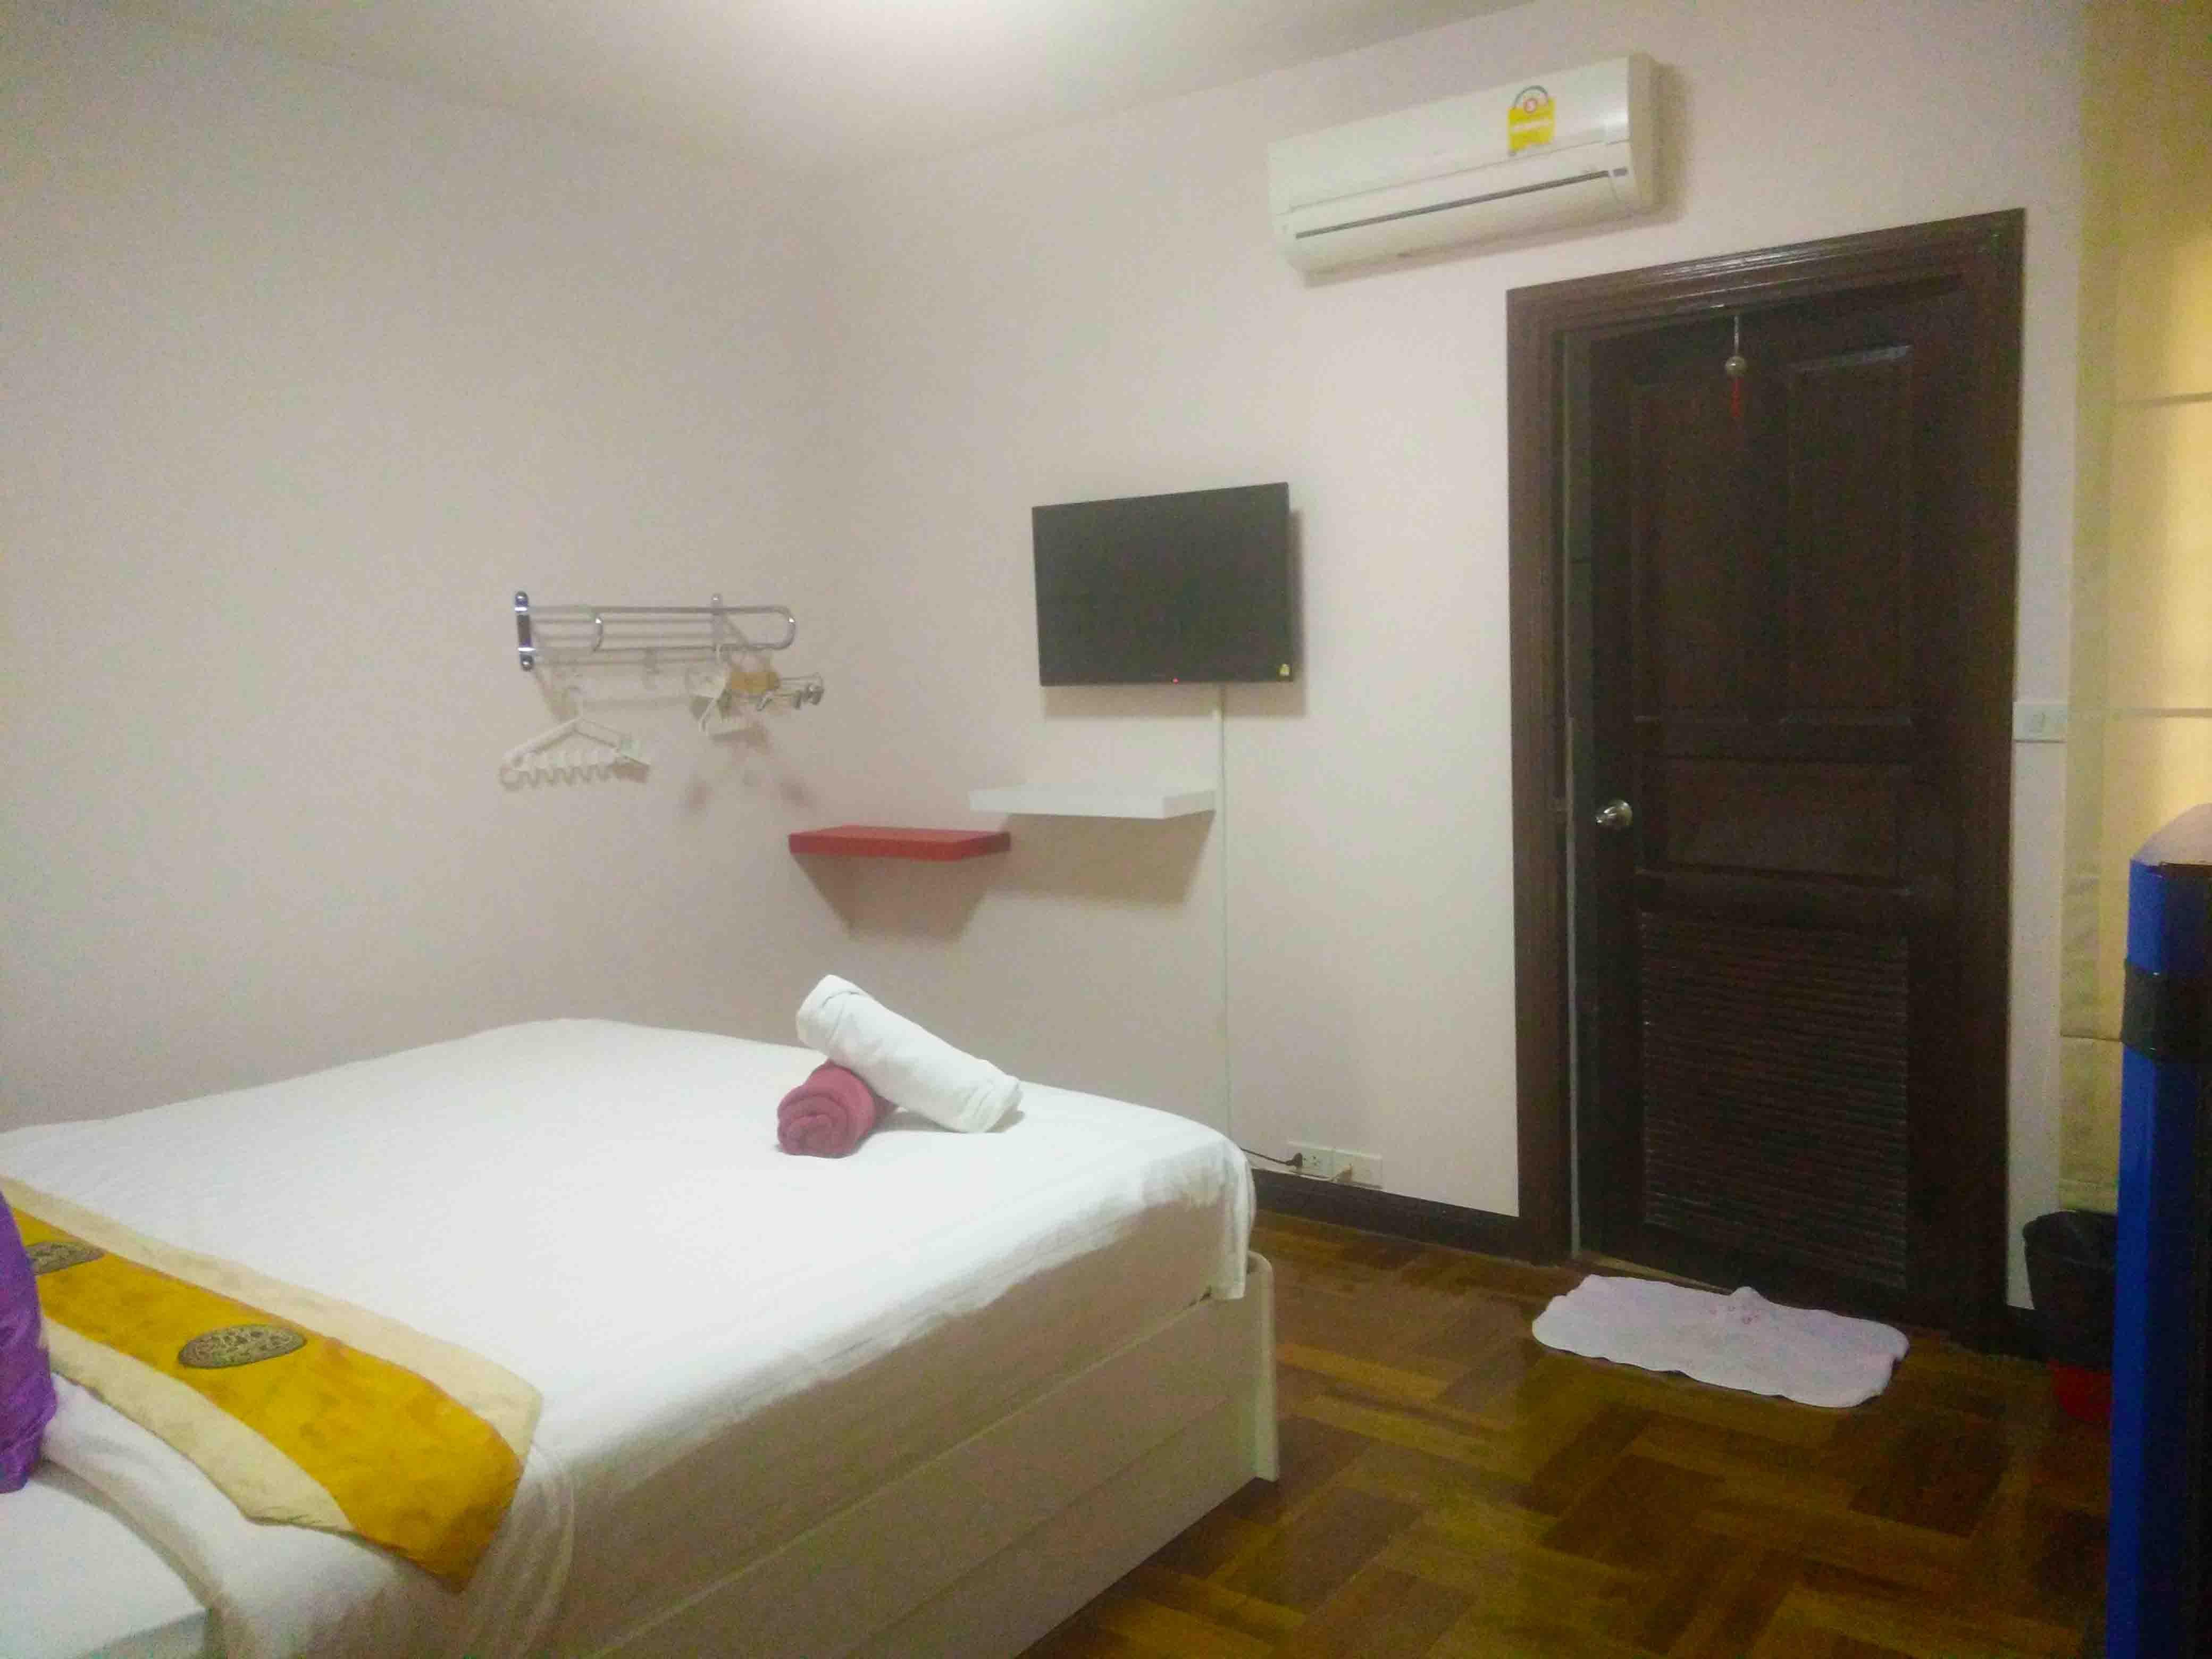 บ้านพักหัวหิน เดอะ ร็อคโฮม พูลวิลล่า (ห้องเพชร)